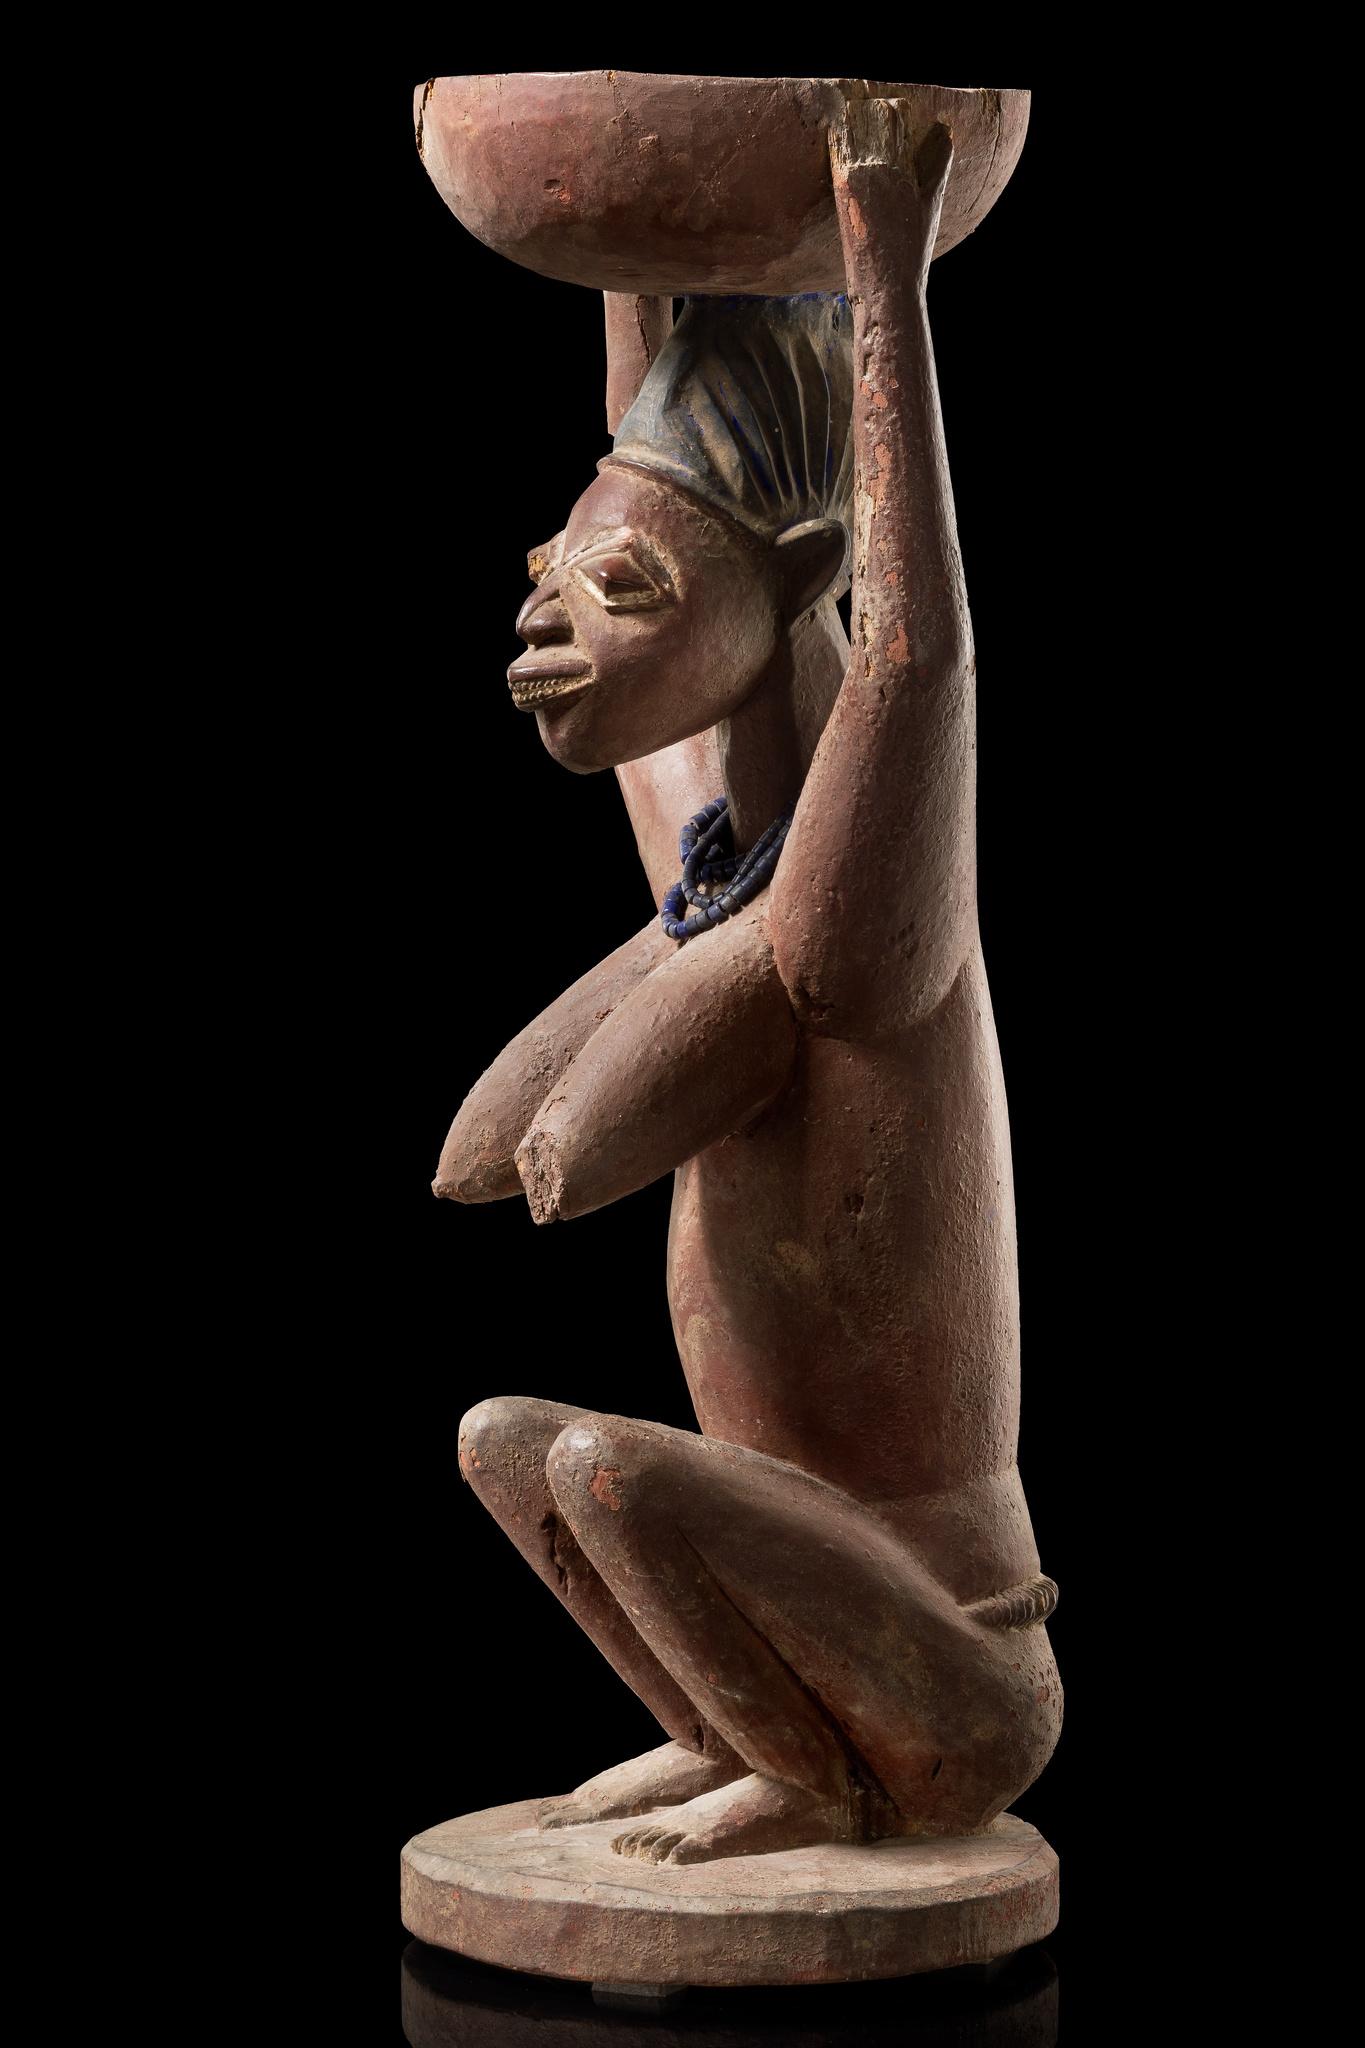 """Female bowl bearer """"arugba shango"""